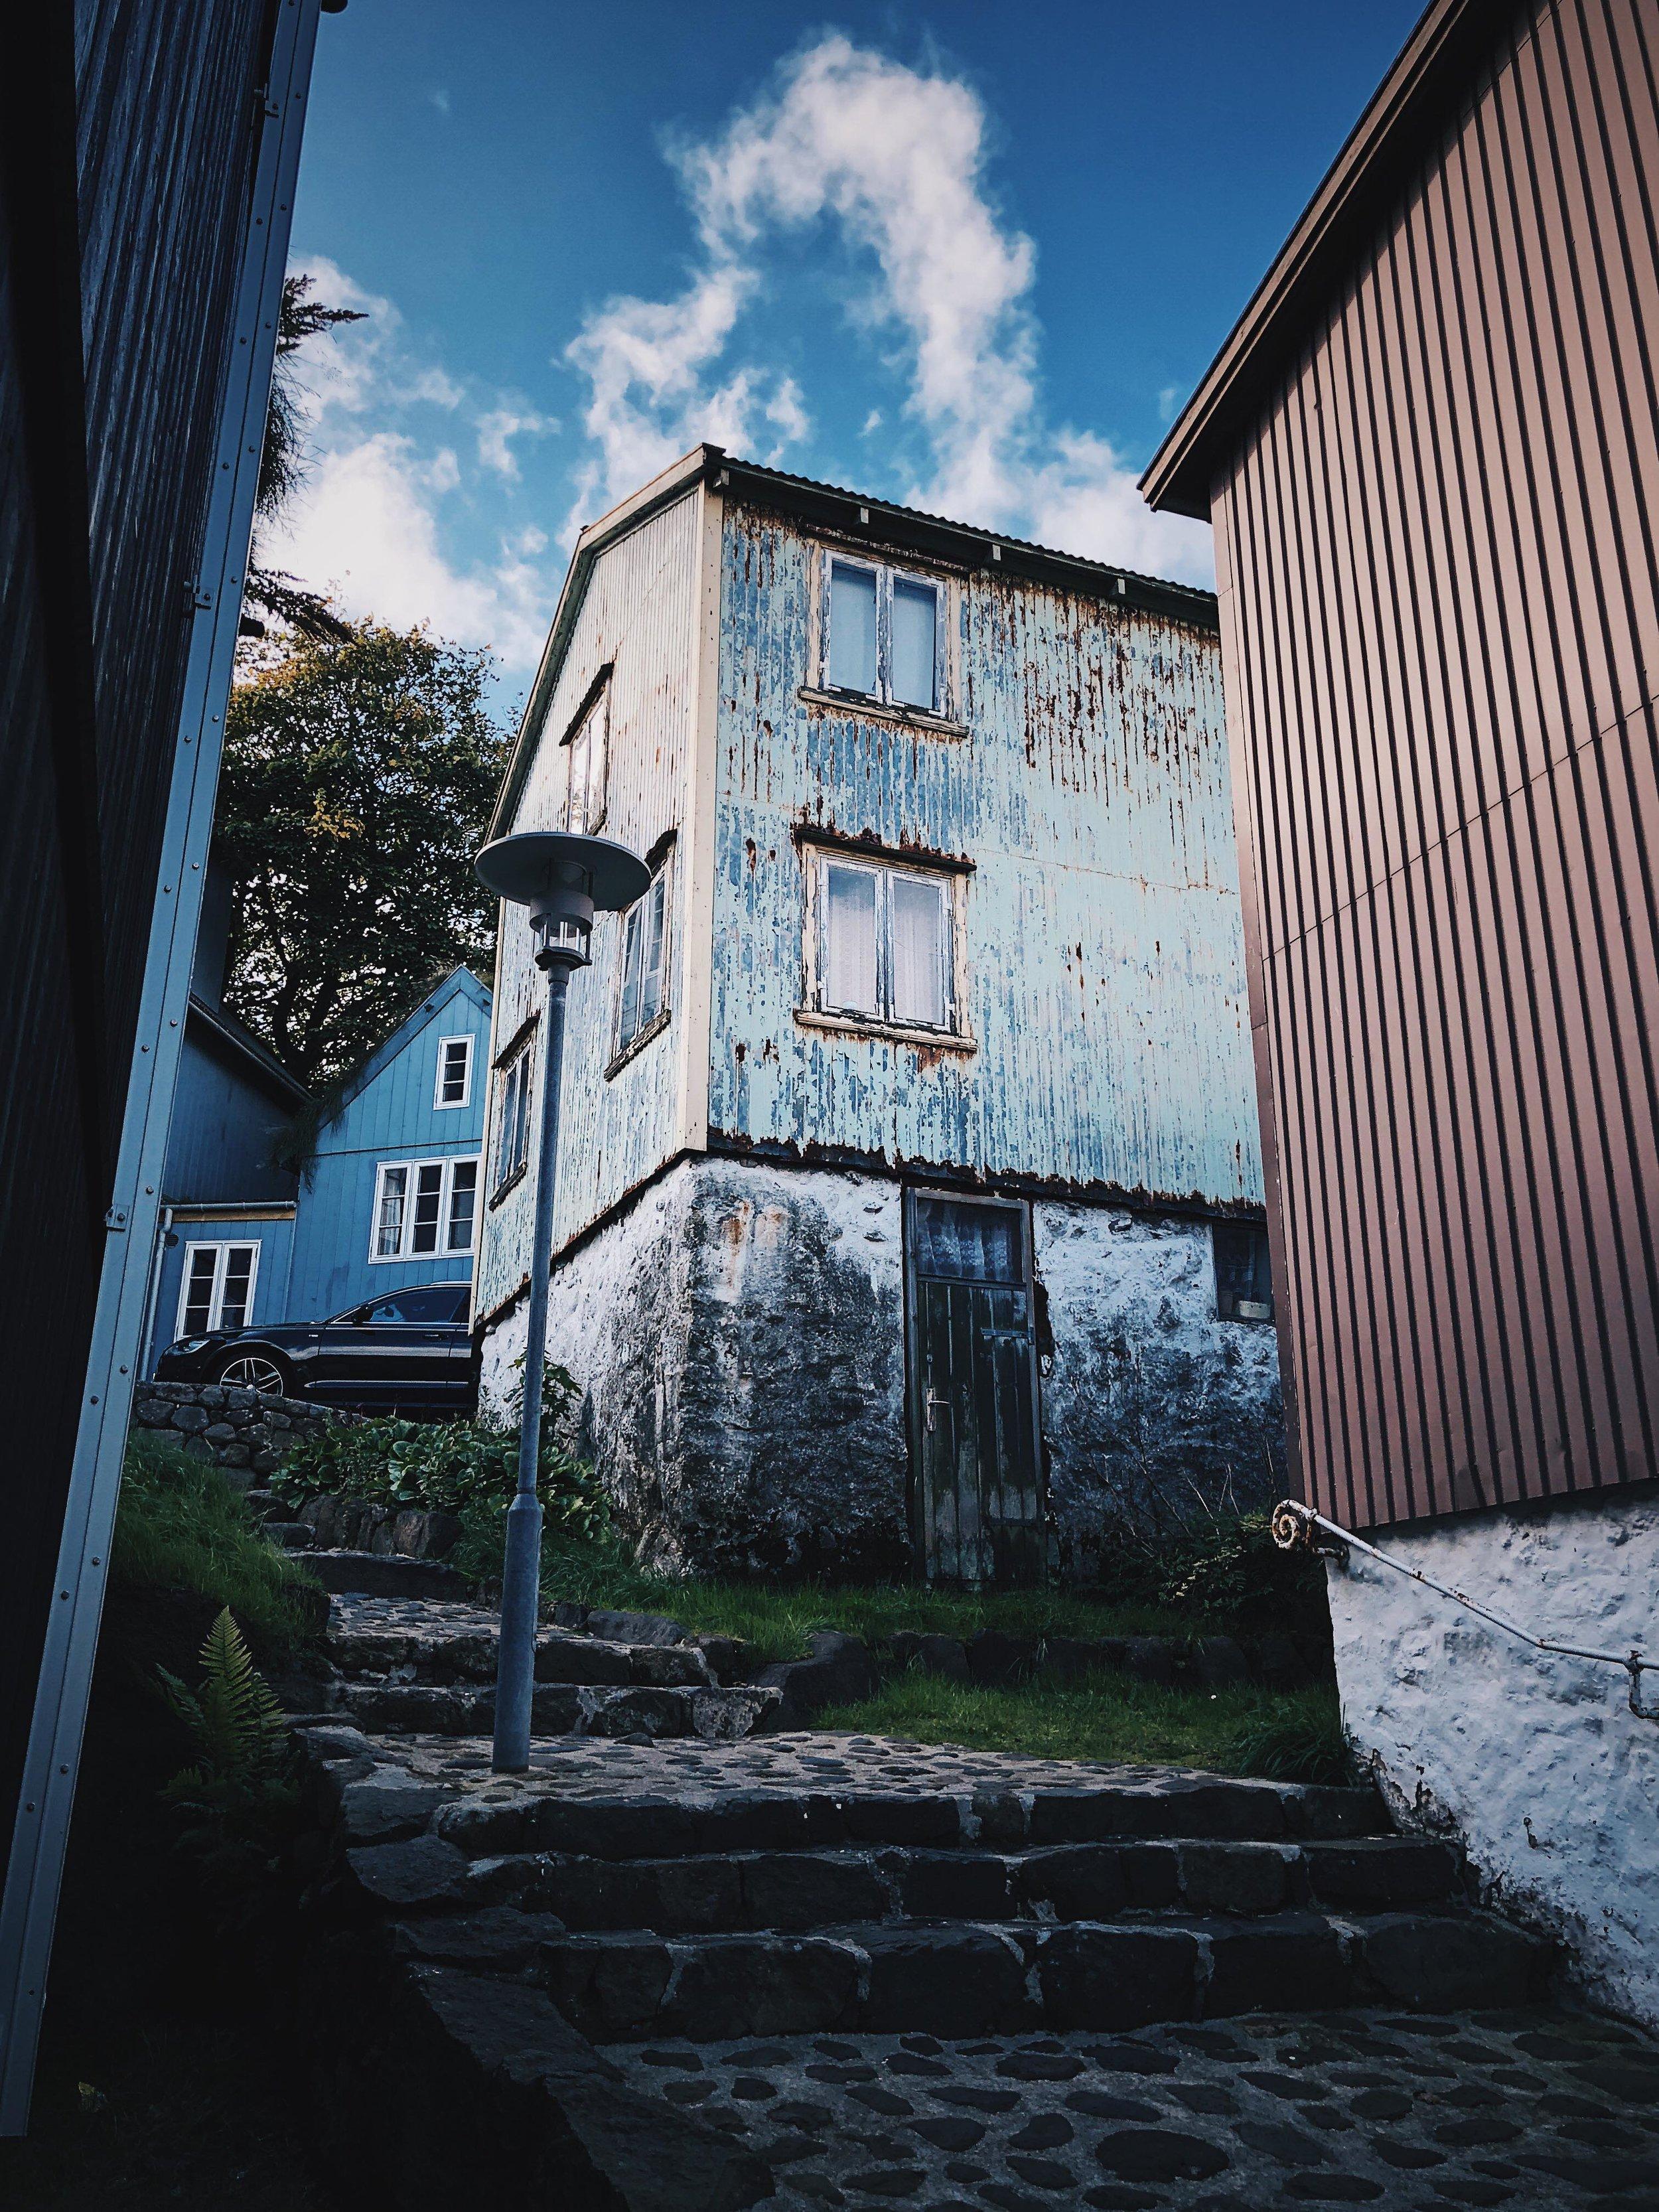 Typical street scene in Tórshavn